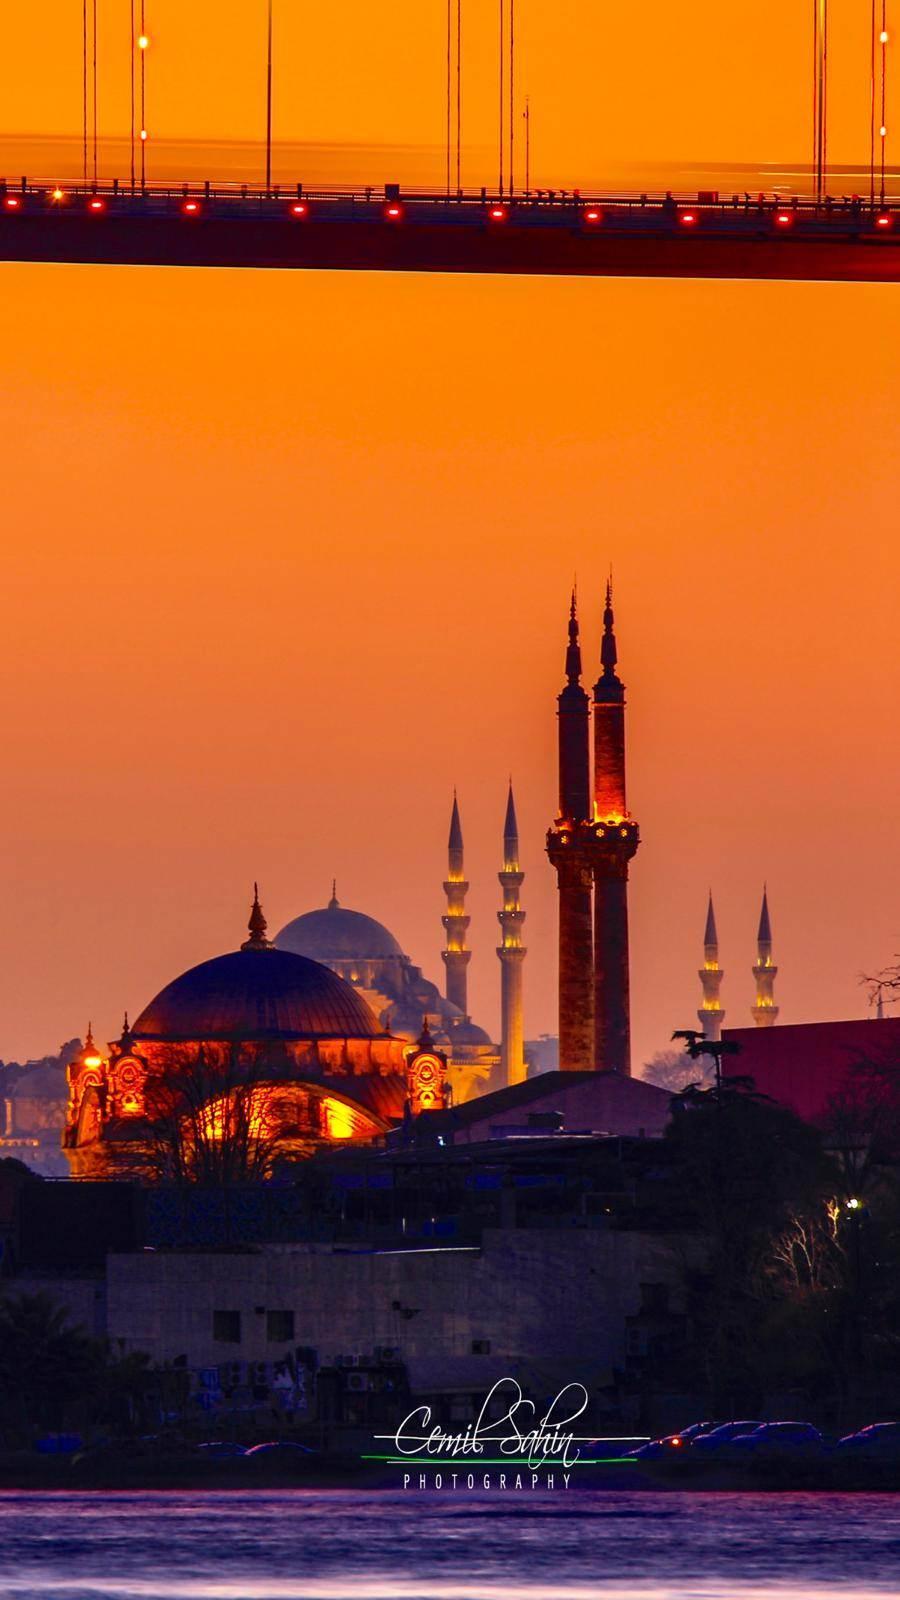 <p>Türkiye'nin camilerini bir çok kez görmüş olabilirsiniz ancak böylesi fotoğrafları daha önce görmediniz. İşte Kubbelerin üstadı olarak tanınan Cemil Şahin'in objektifinden camilerimiz...</p>